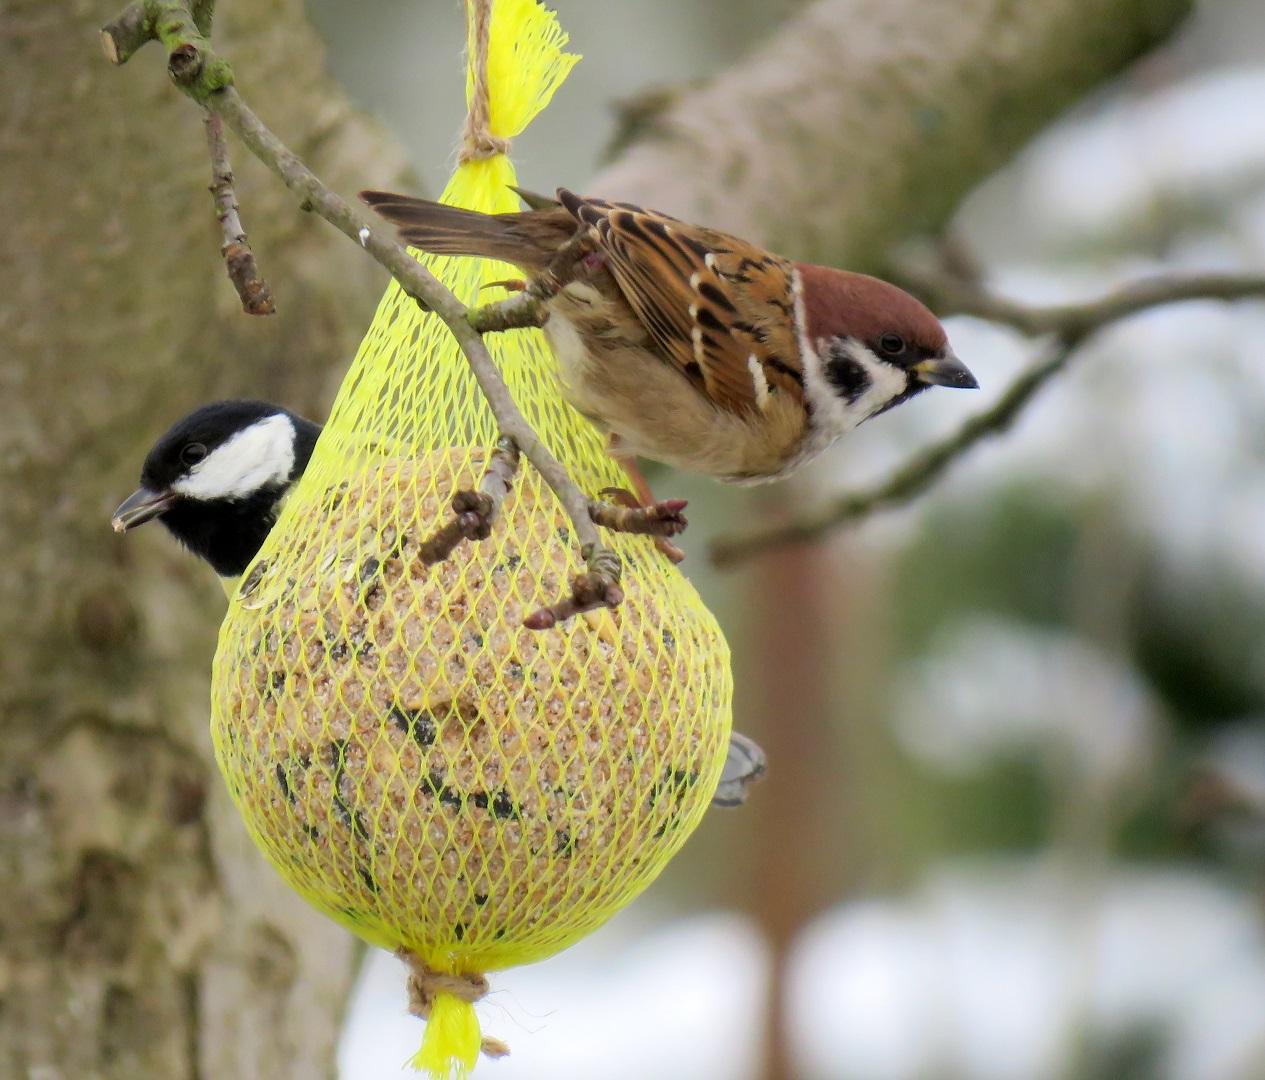 Správné přikrmování pomáhá ptactvu přežít zimu